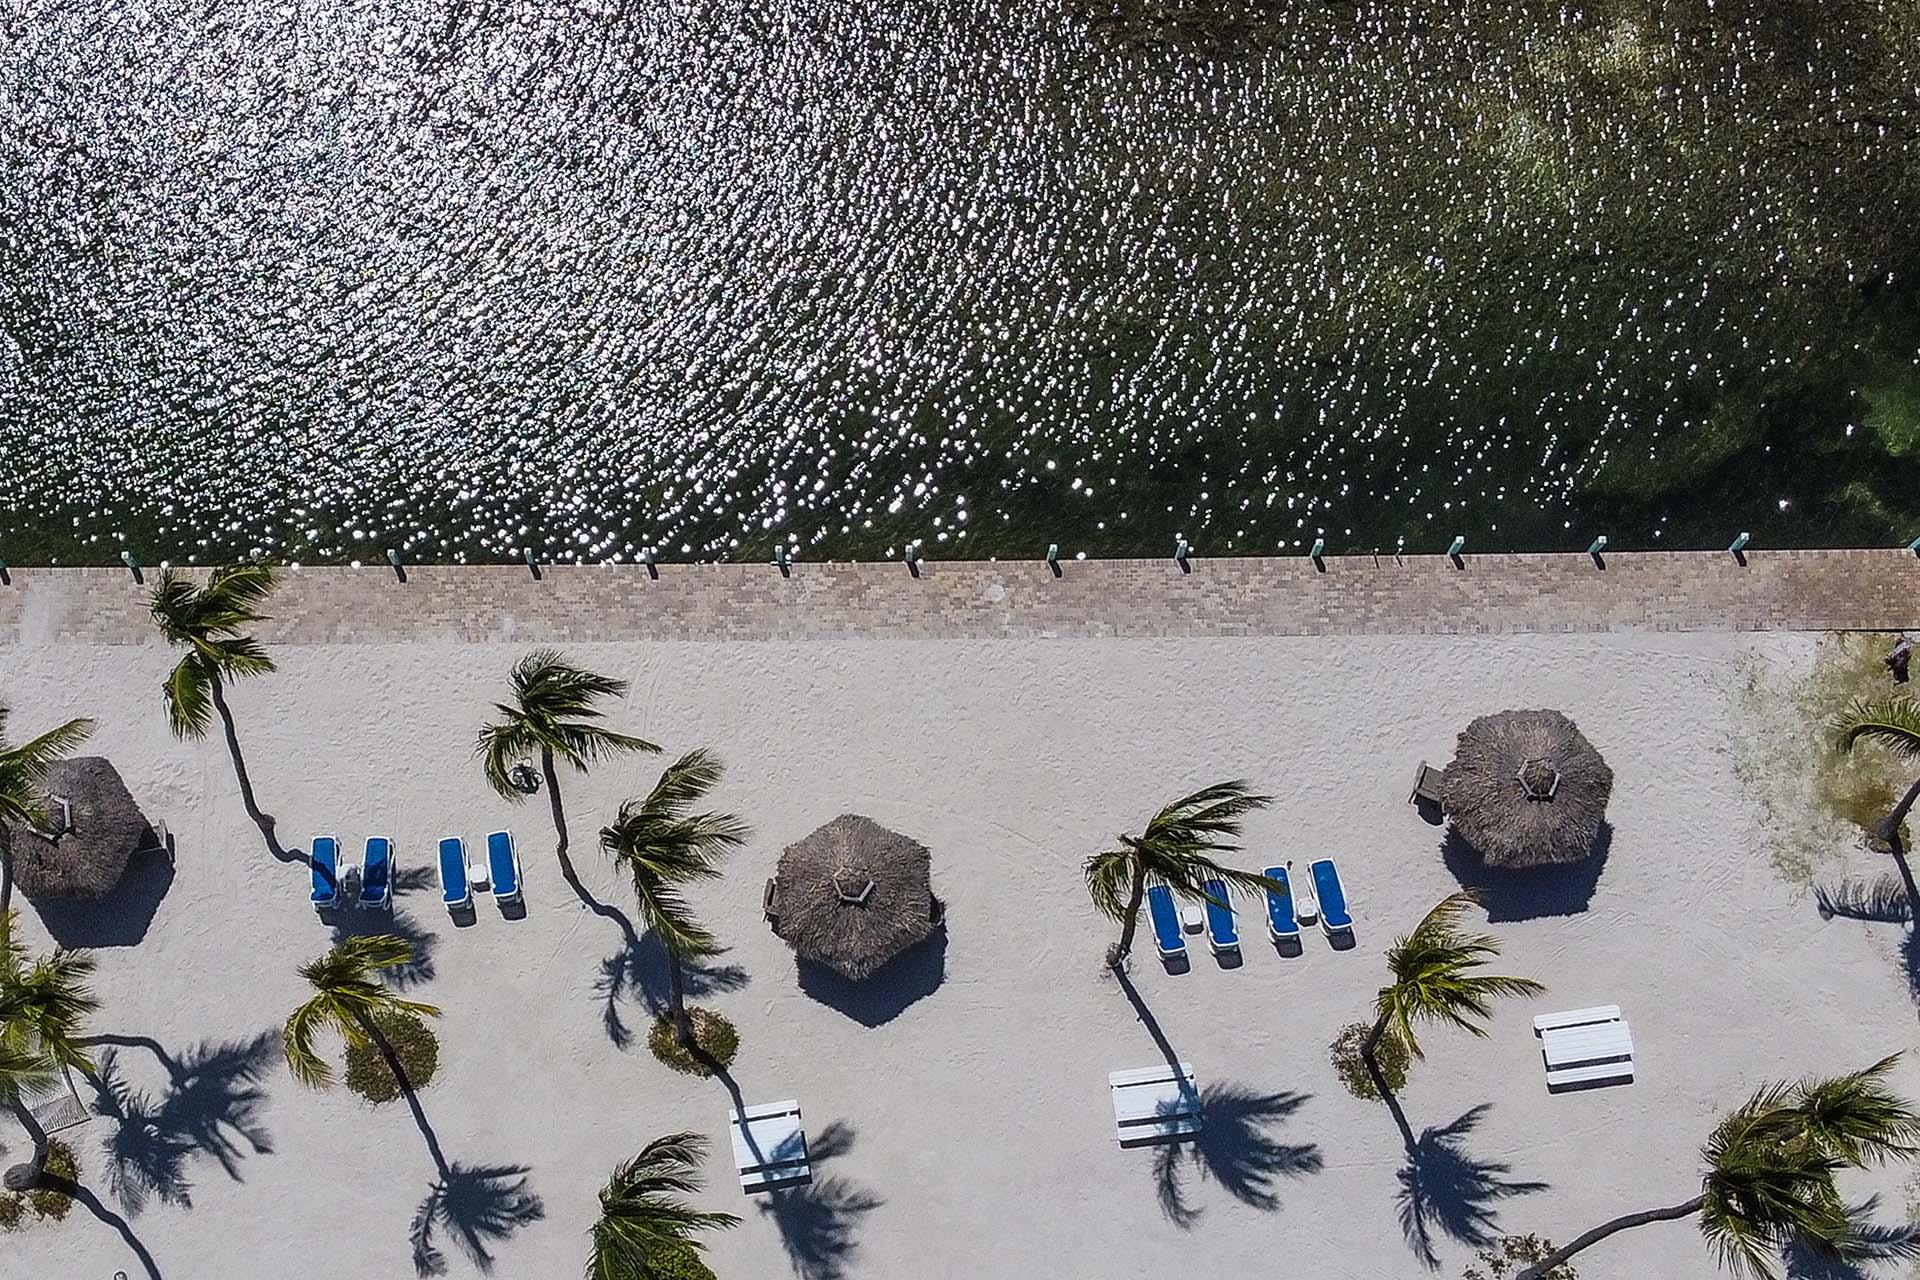 Una playa desierta en Cabo Windley, unos 70 kilòmetros al sur de Miami